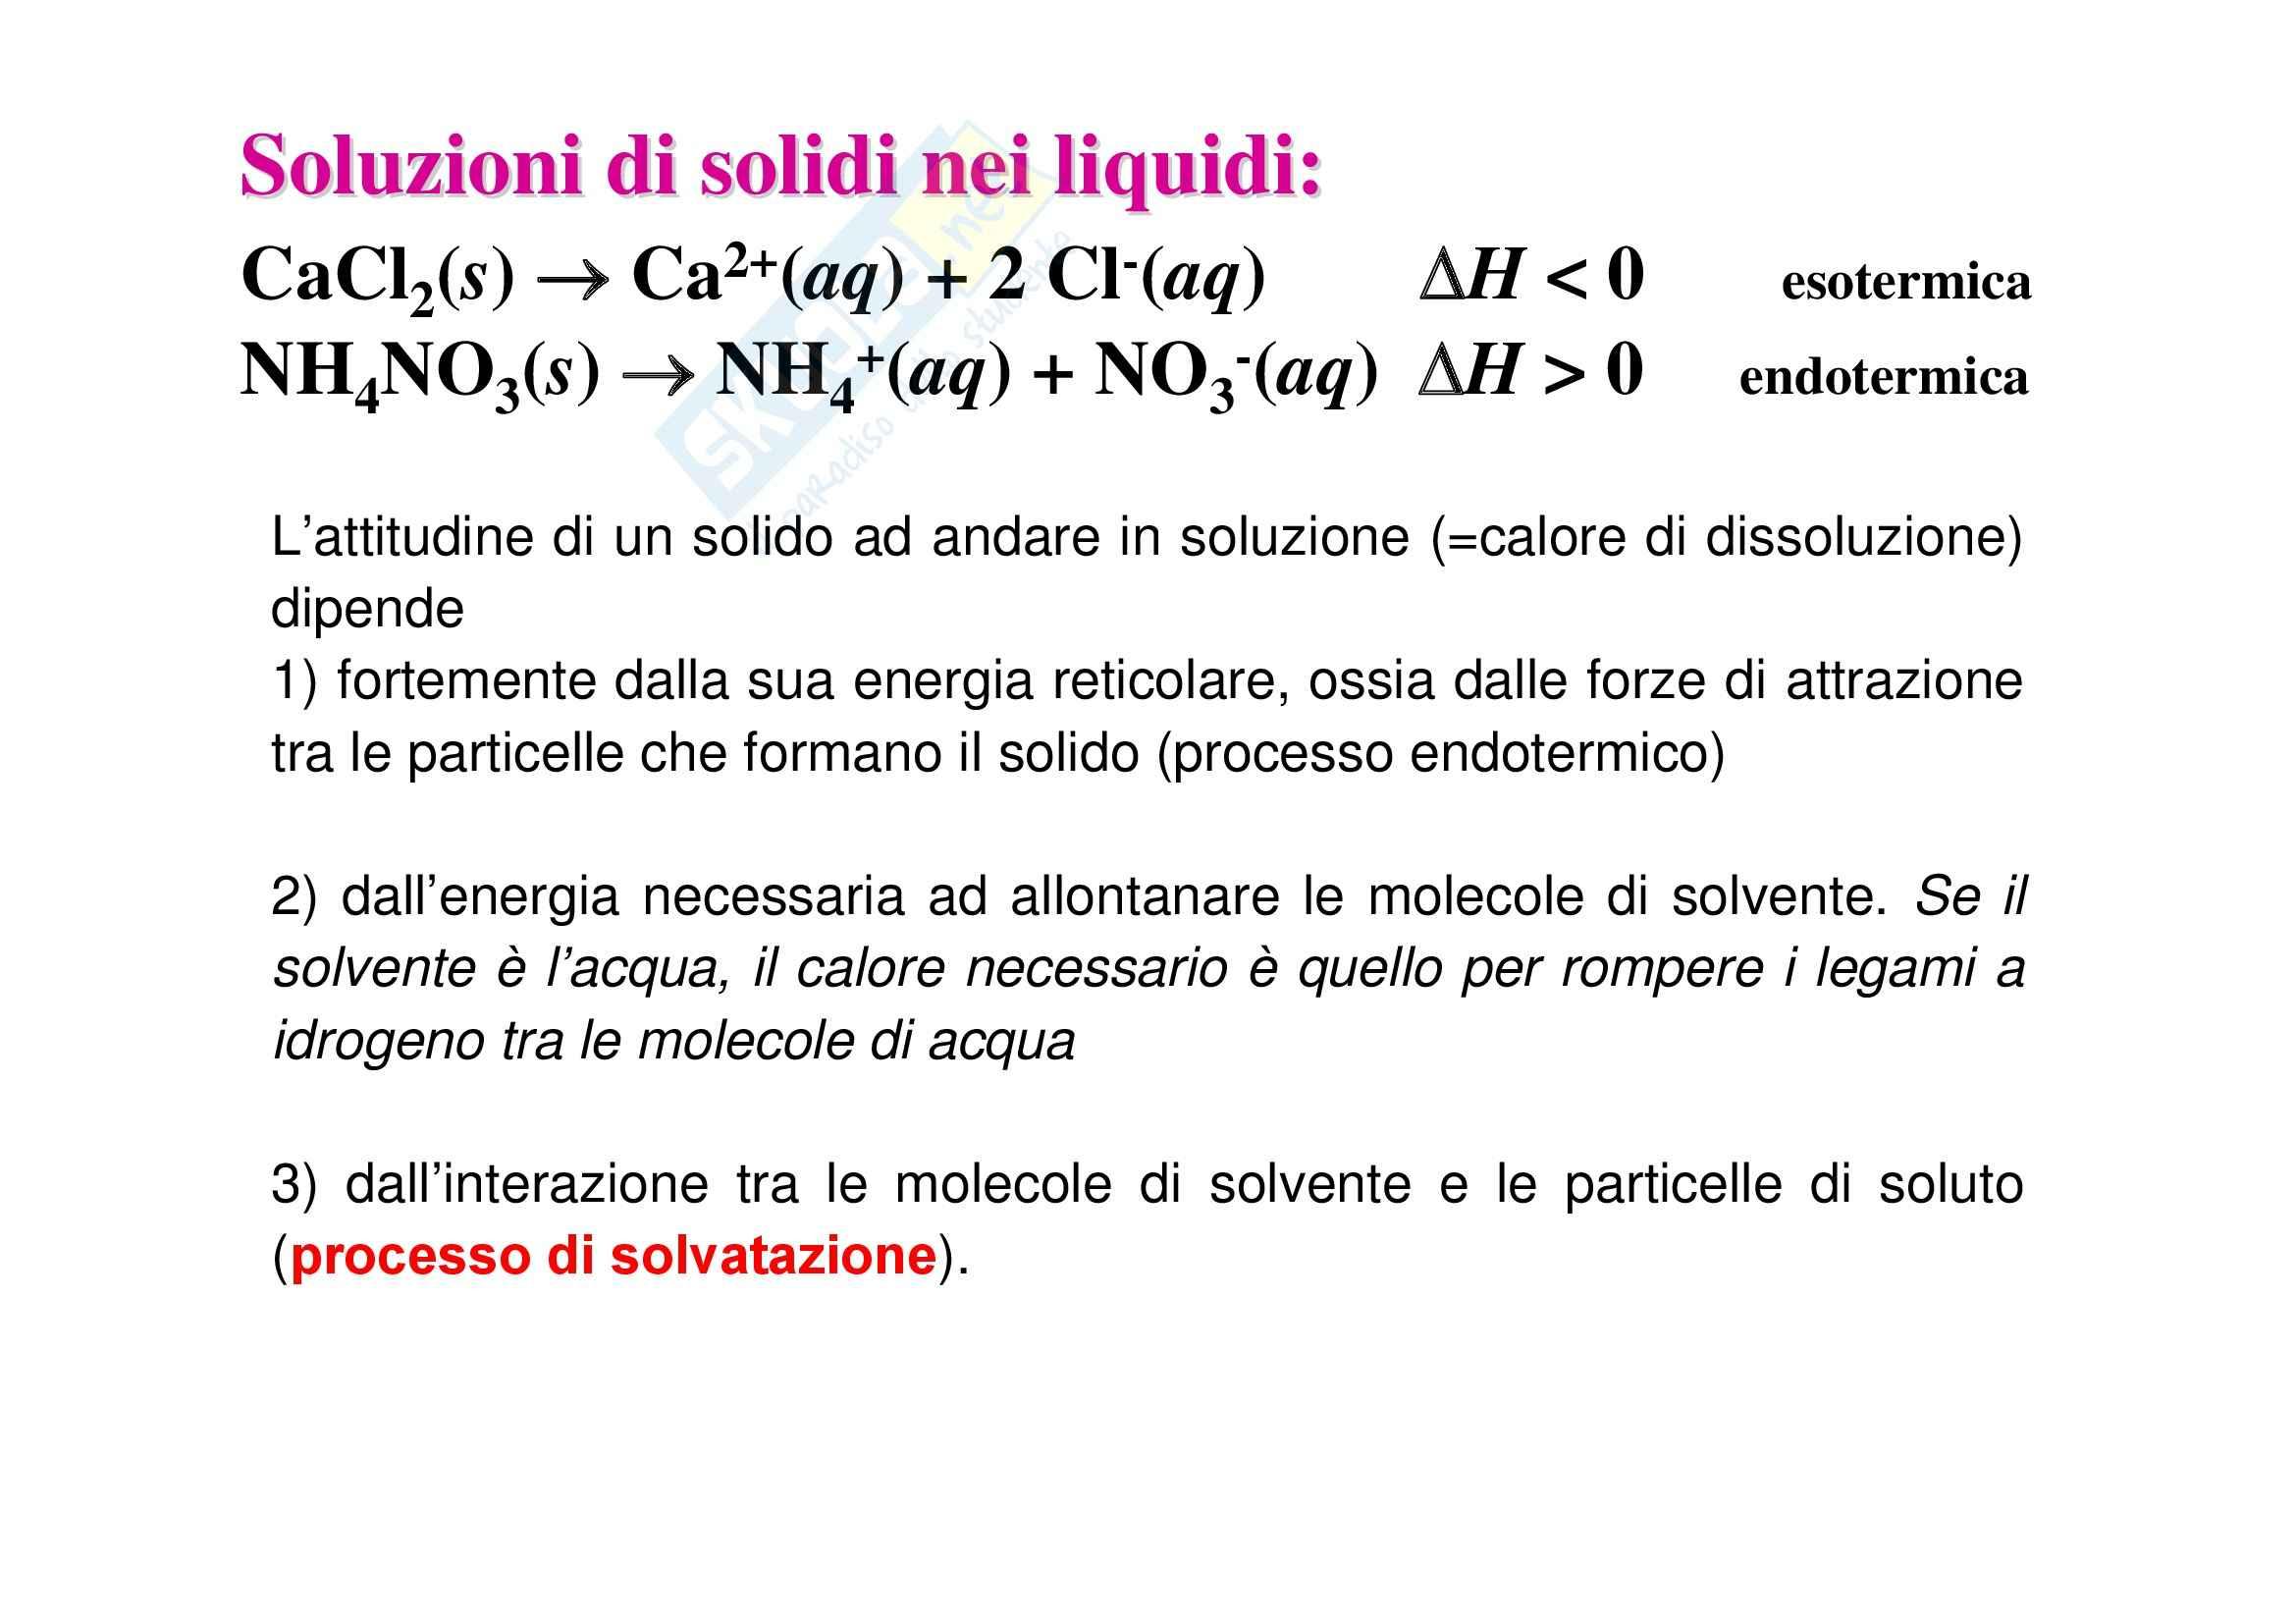 Chimica generale - il sistema disperso Pag. 11